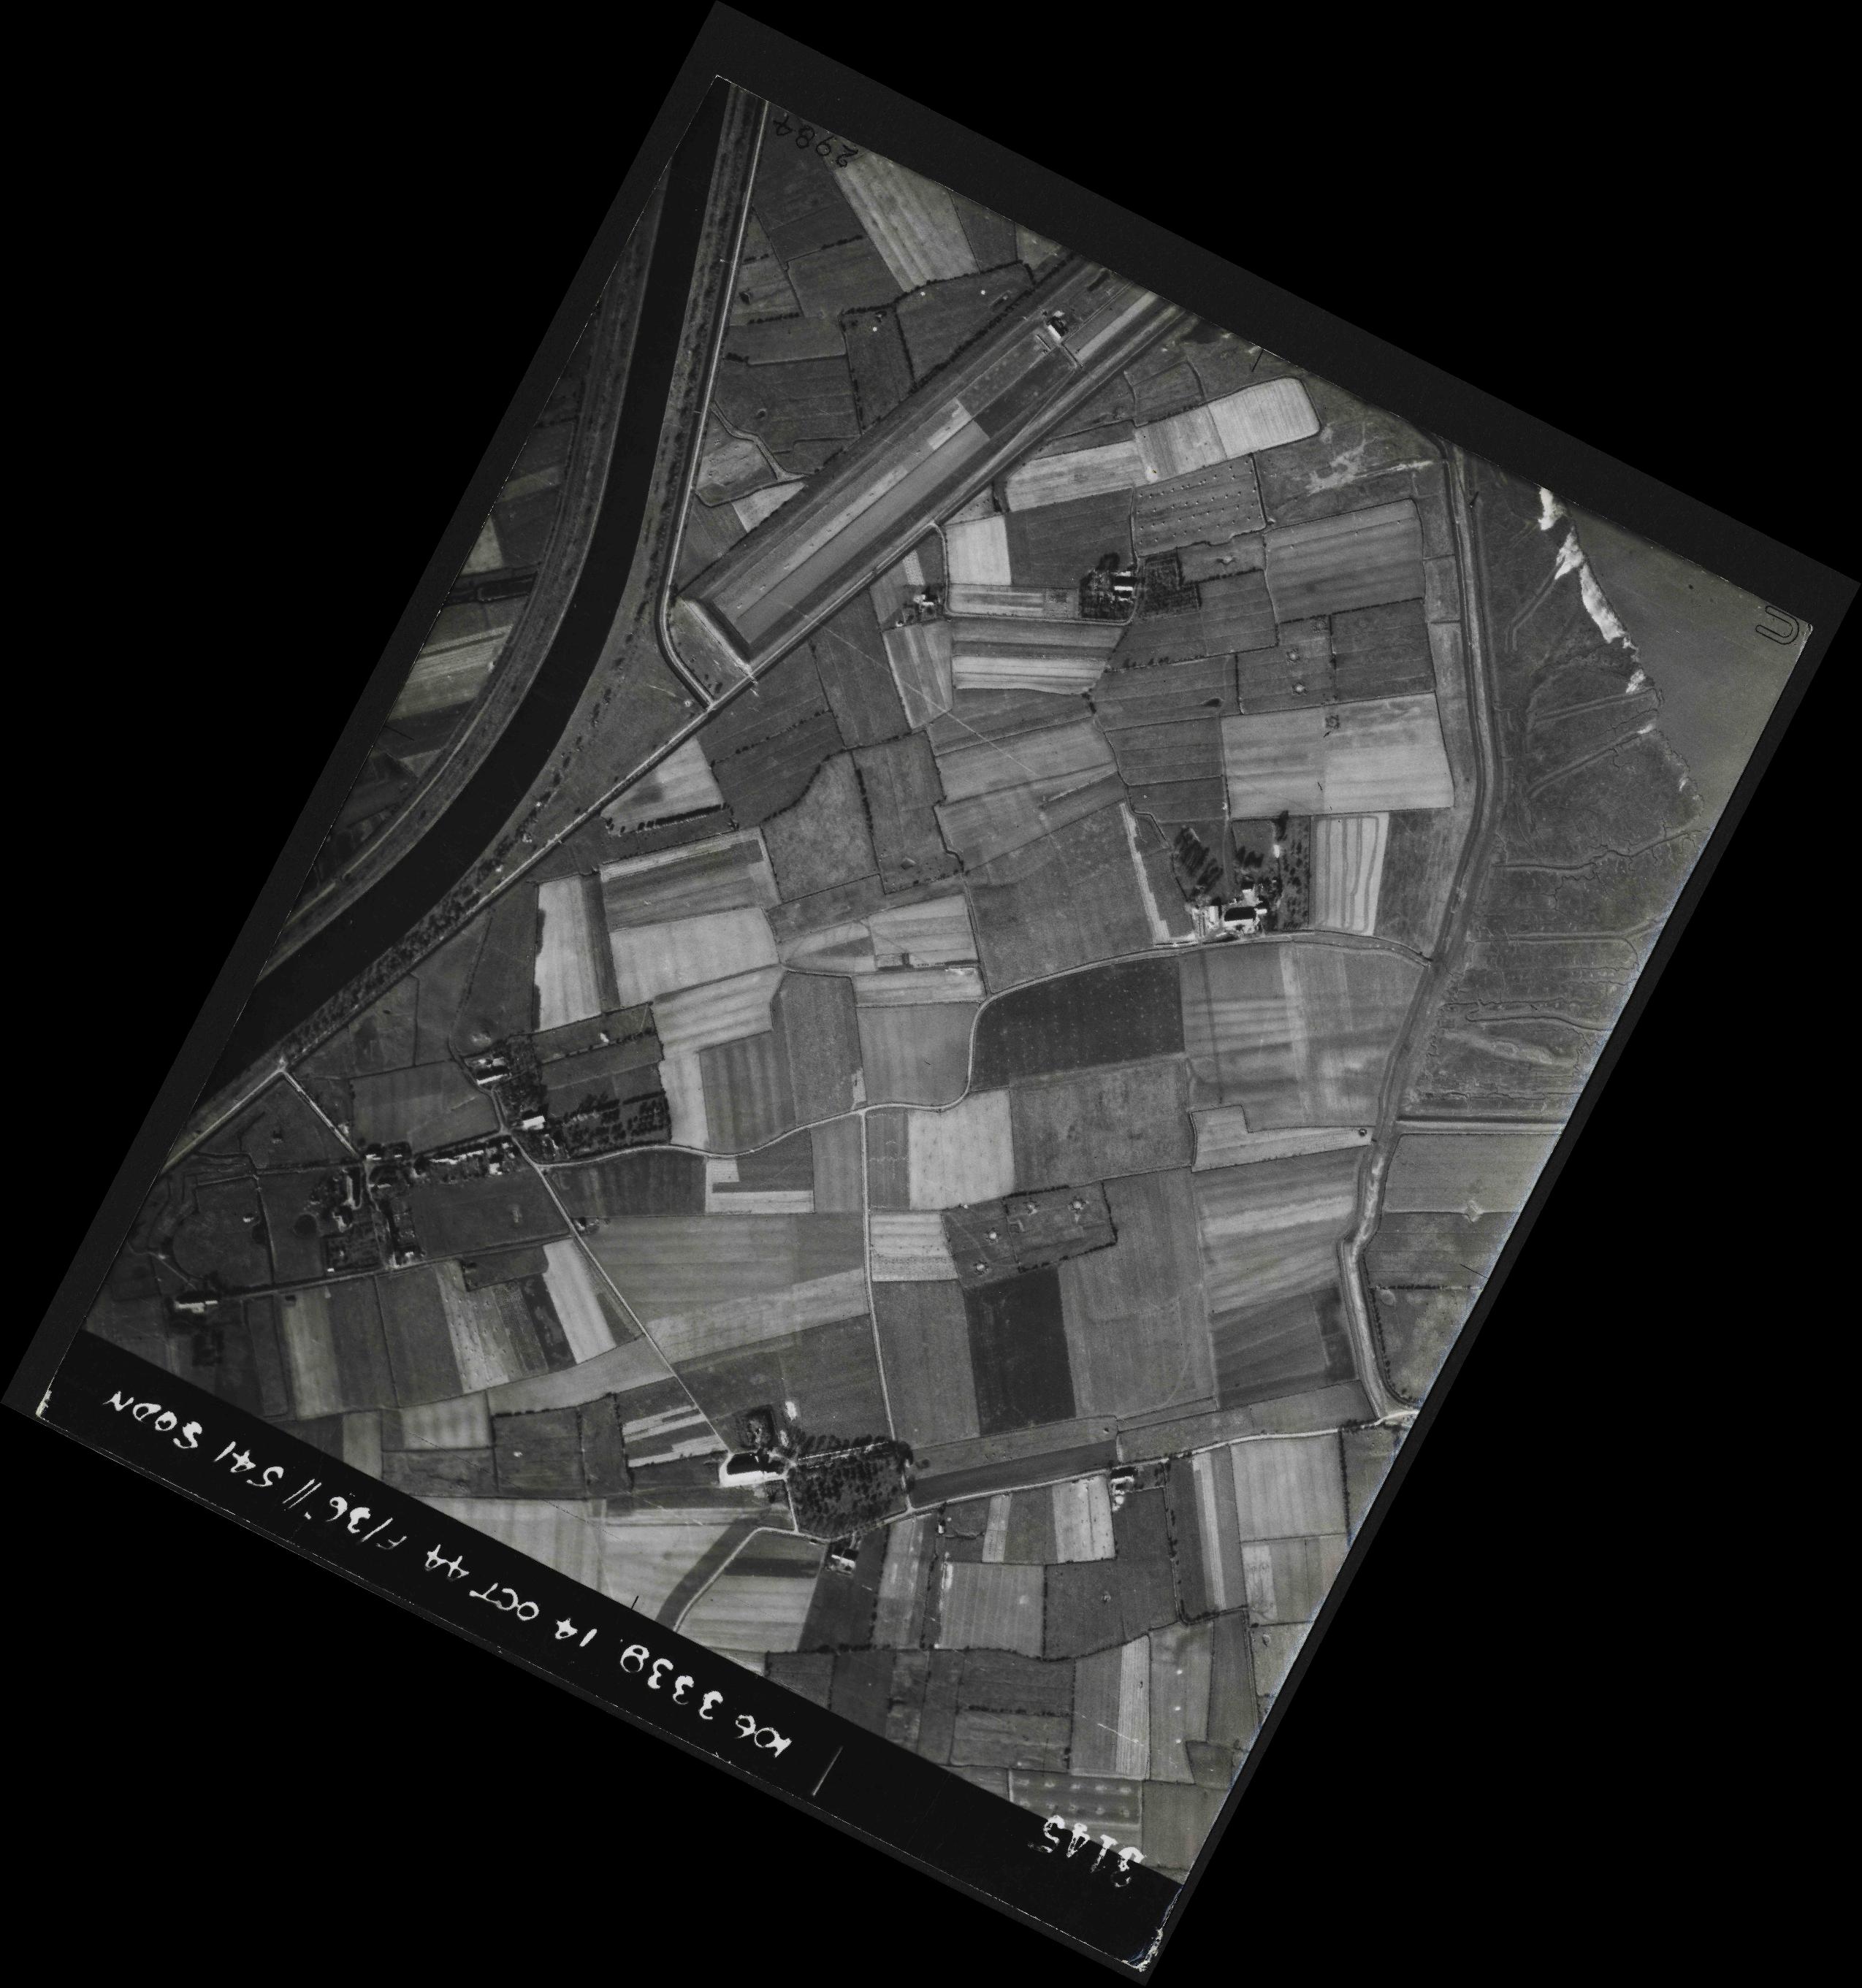 Collection RAF aerial photos 1940-1945 - flight 042, run 06, photo 3145